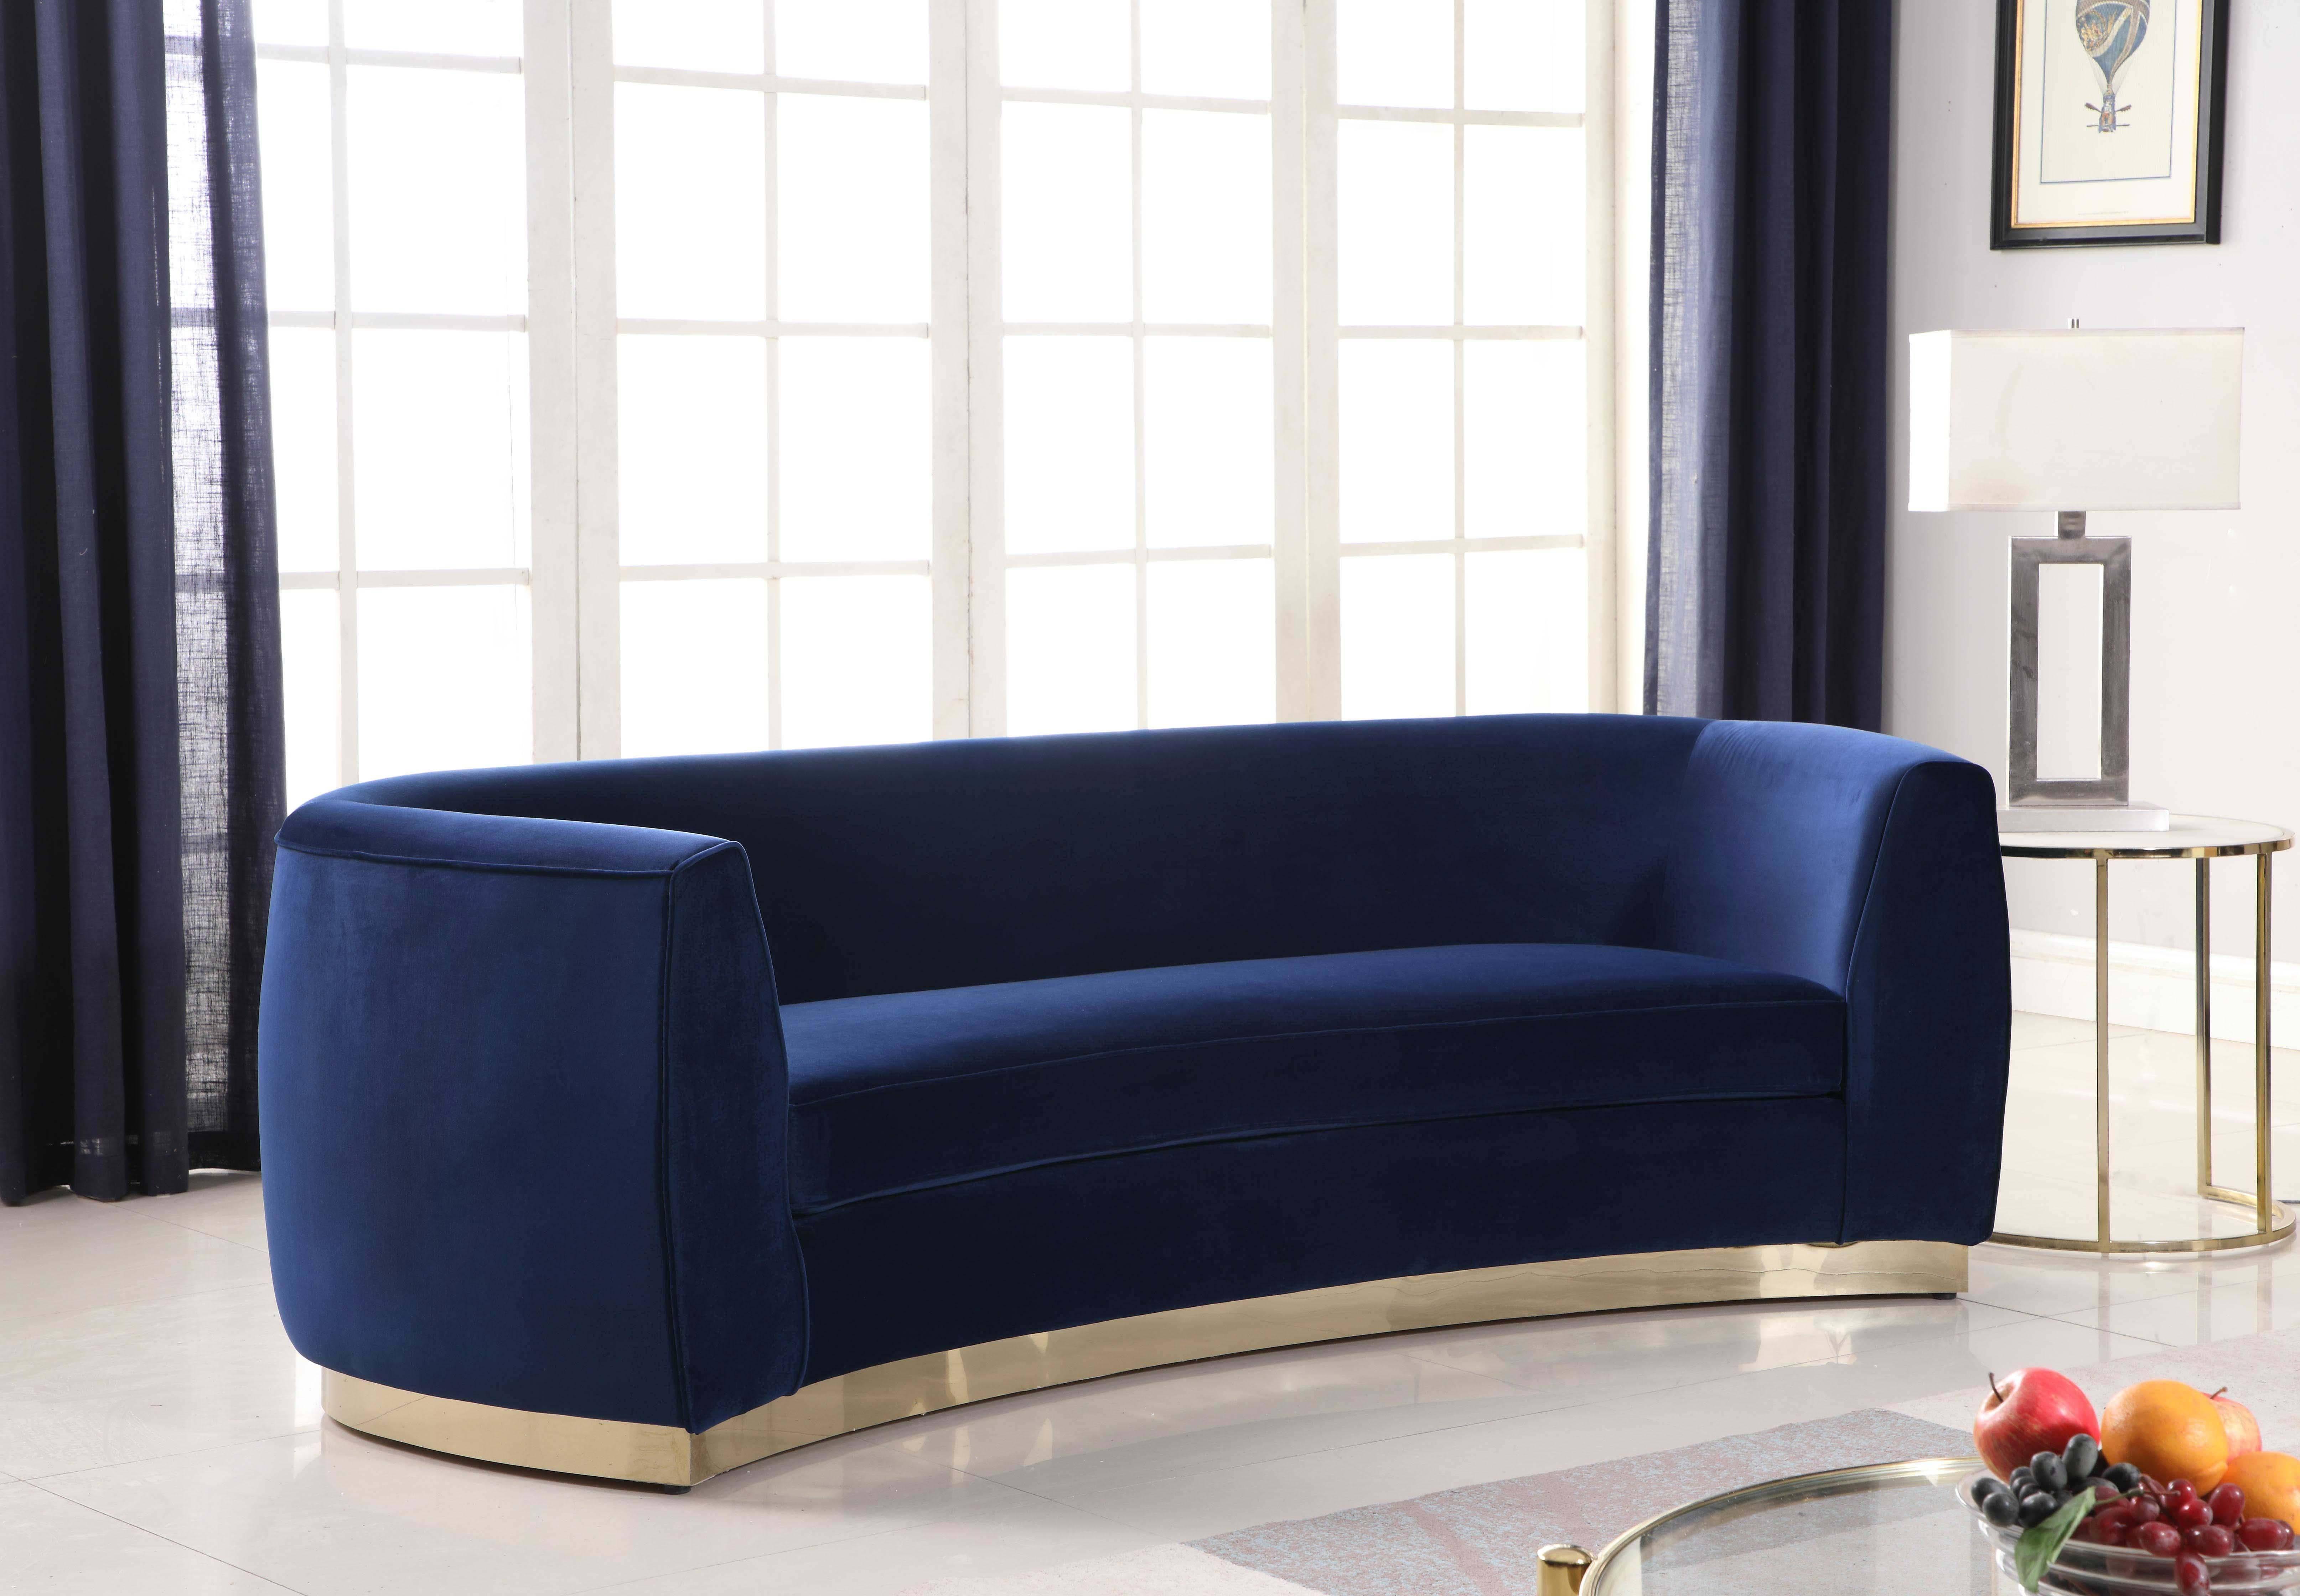 Meridian Julian 620 Sofa Set 3 Pcs in Navy, Soft Velvet